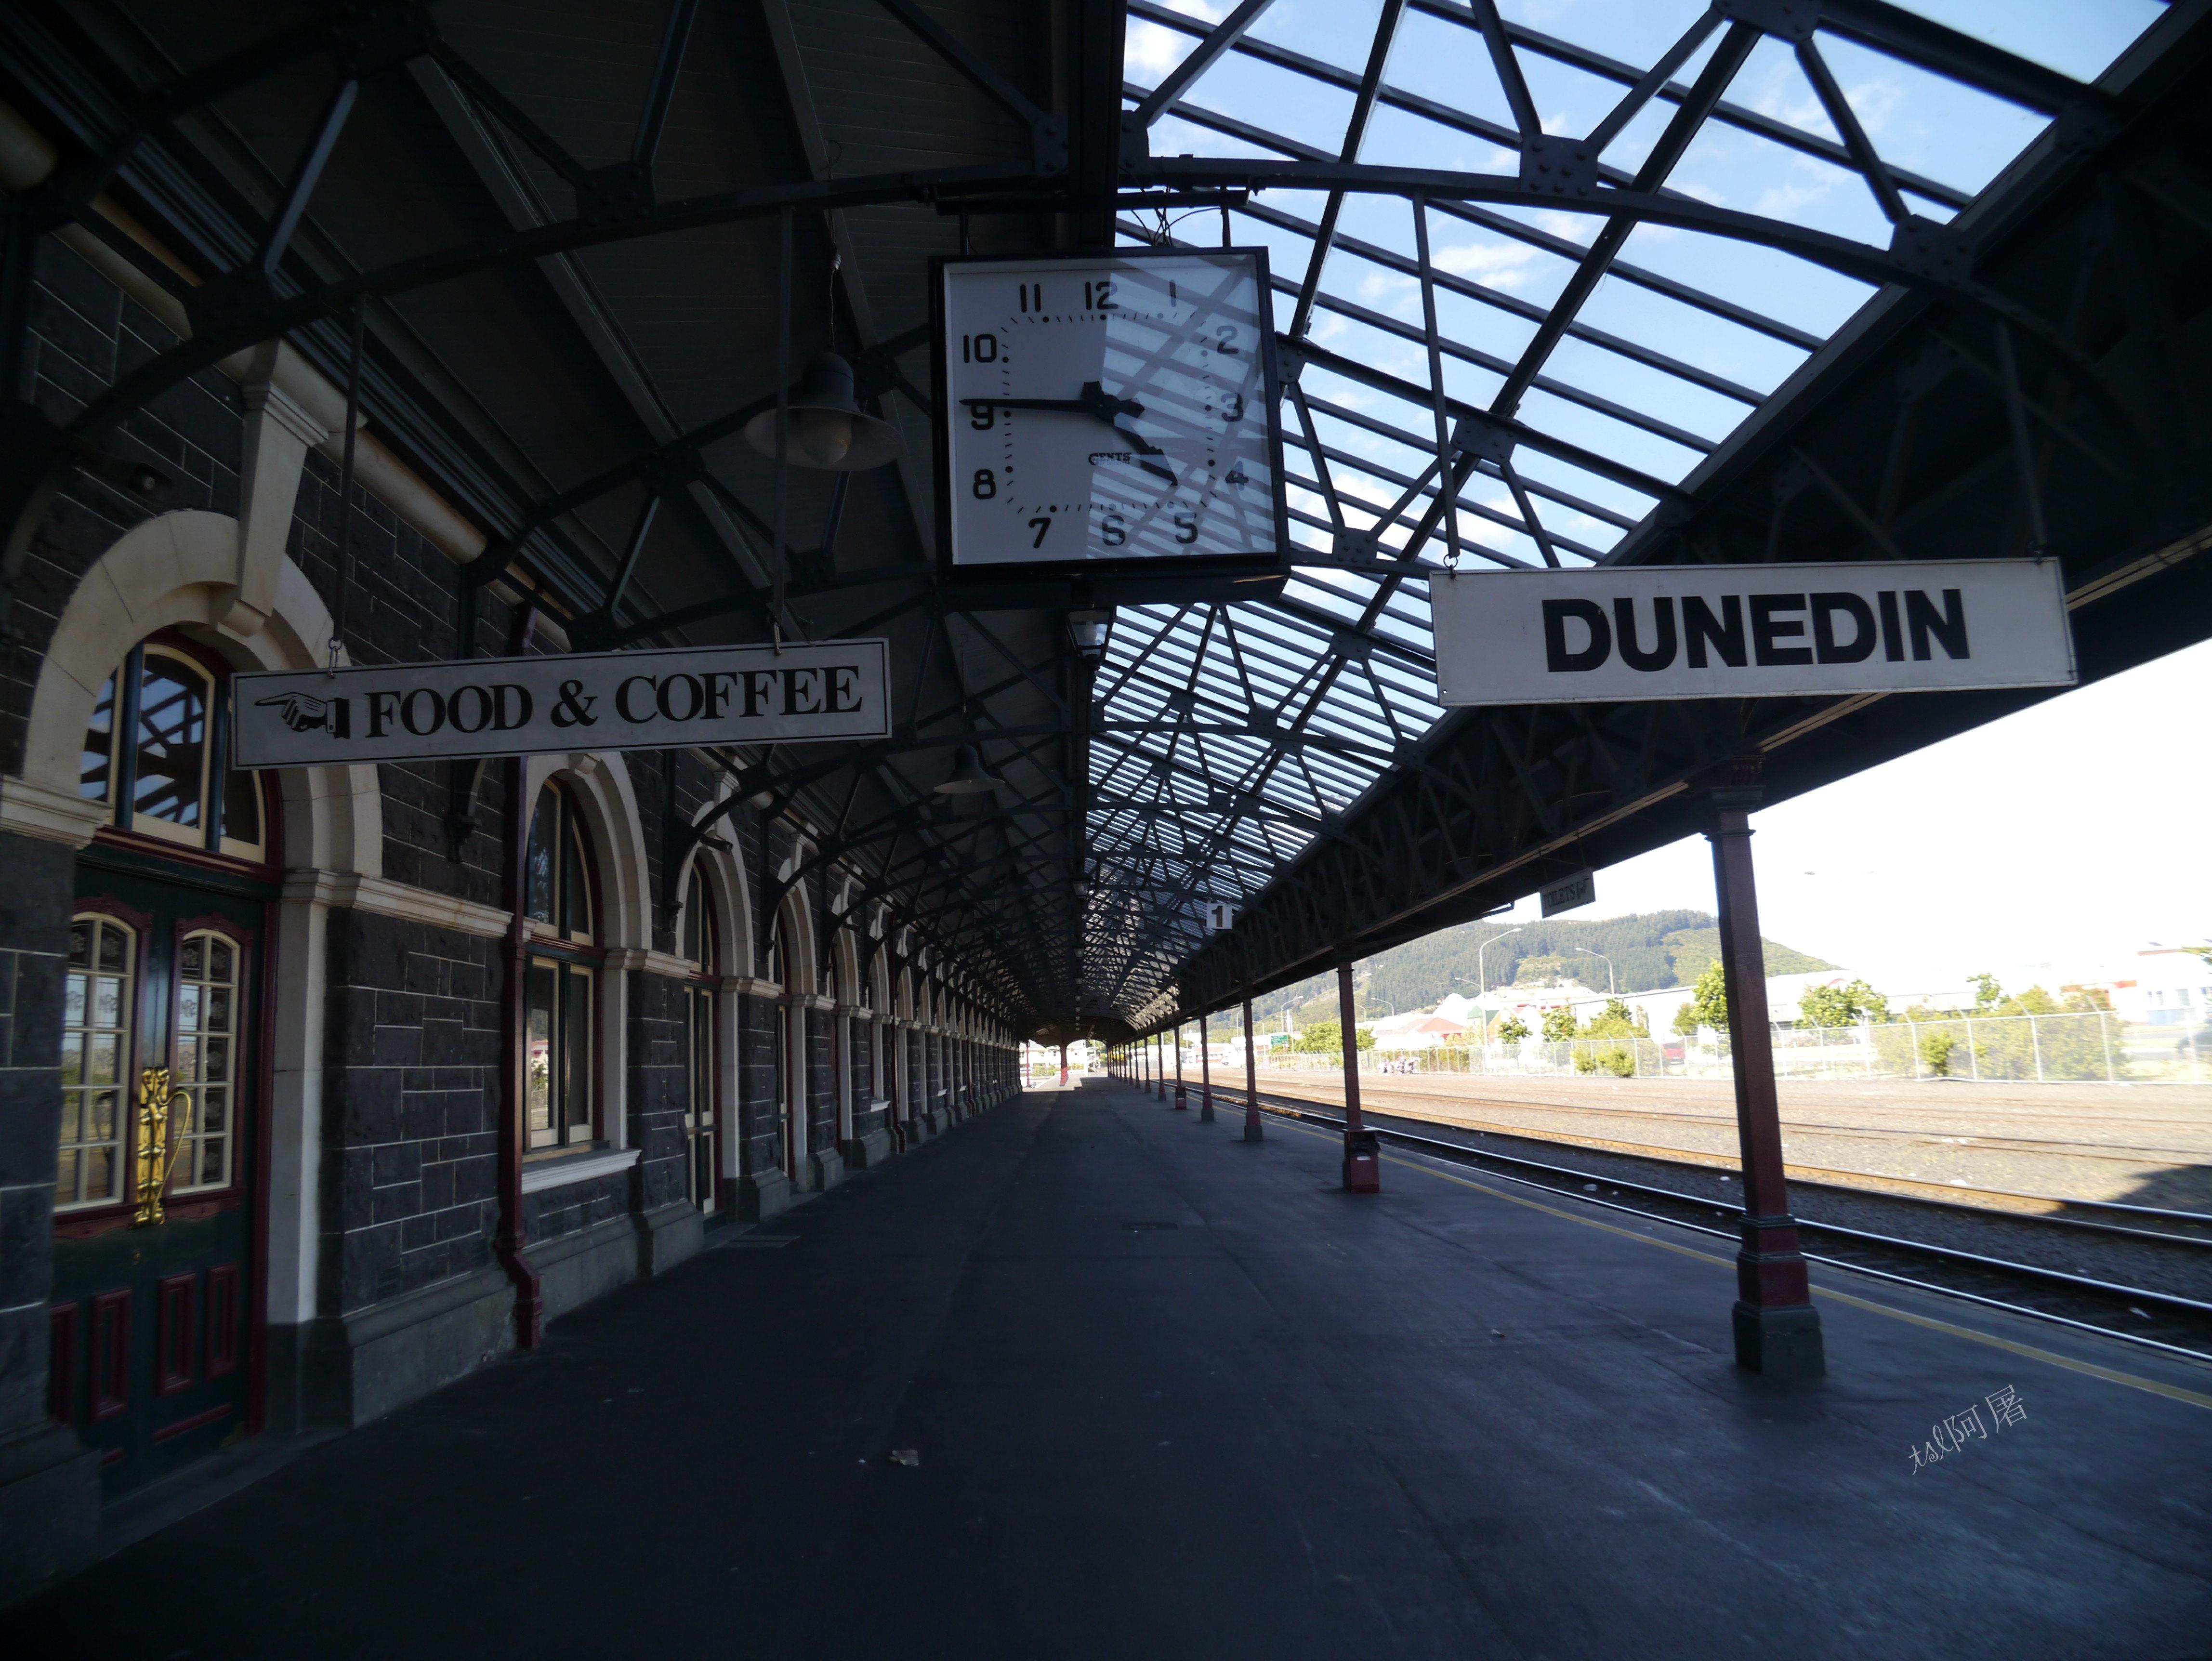 丁但尼丁火车站好玩吗